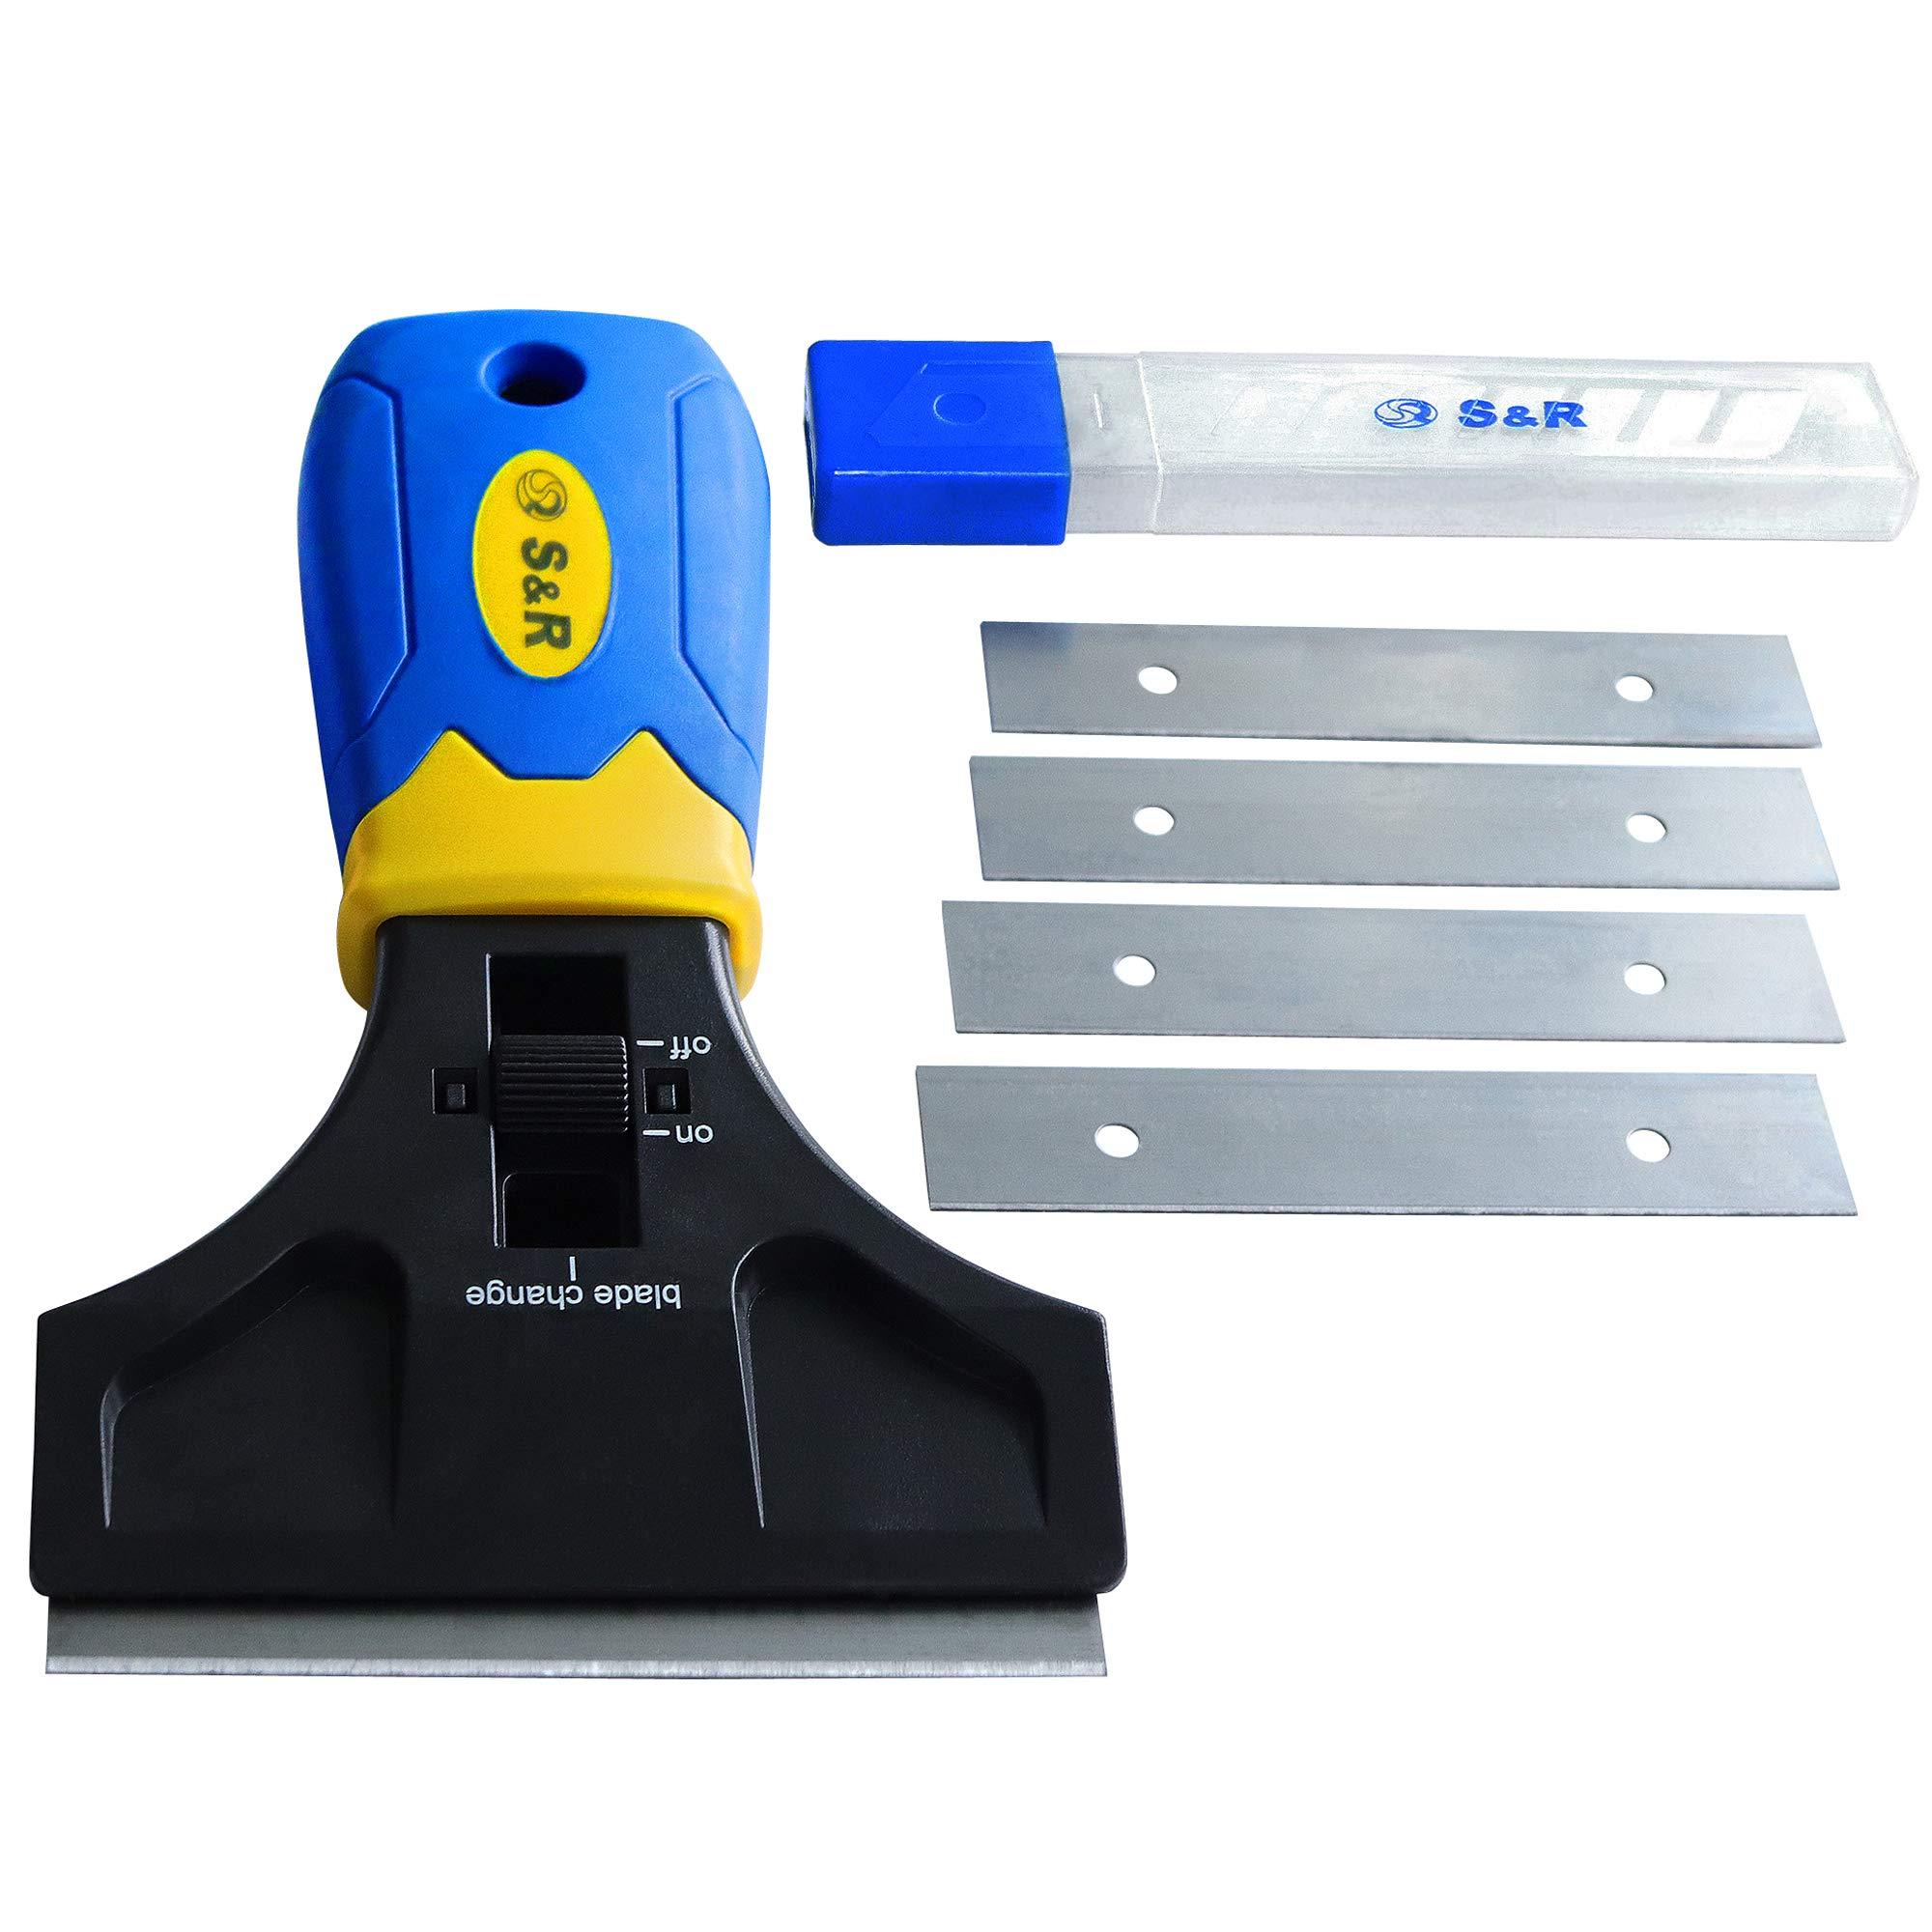 S&R Grattoir Vitre Vitroceramique plaque à induction 147 mm avec 5 lames de rechange